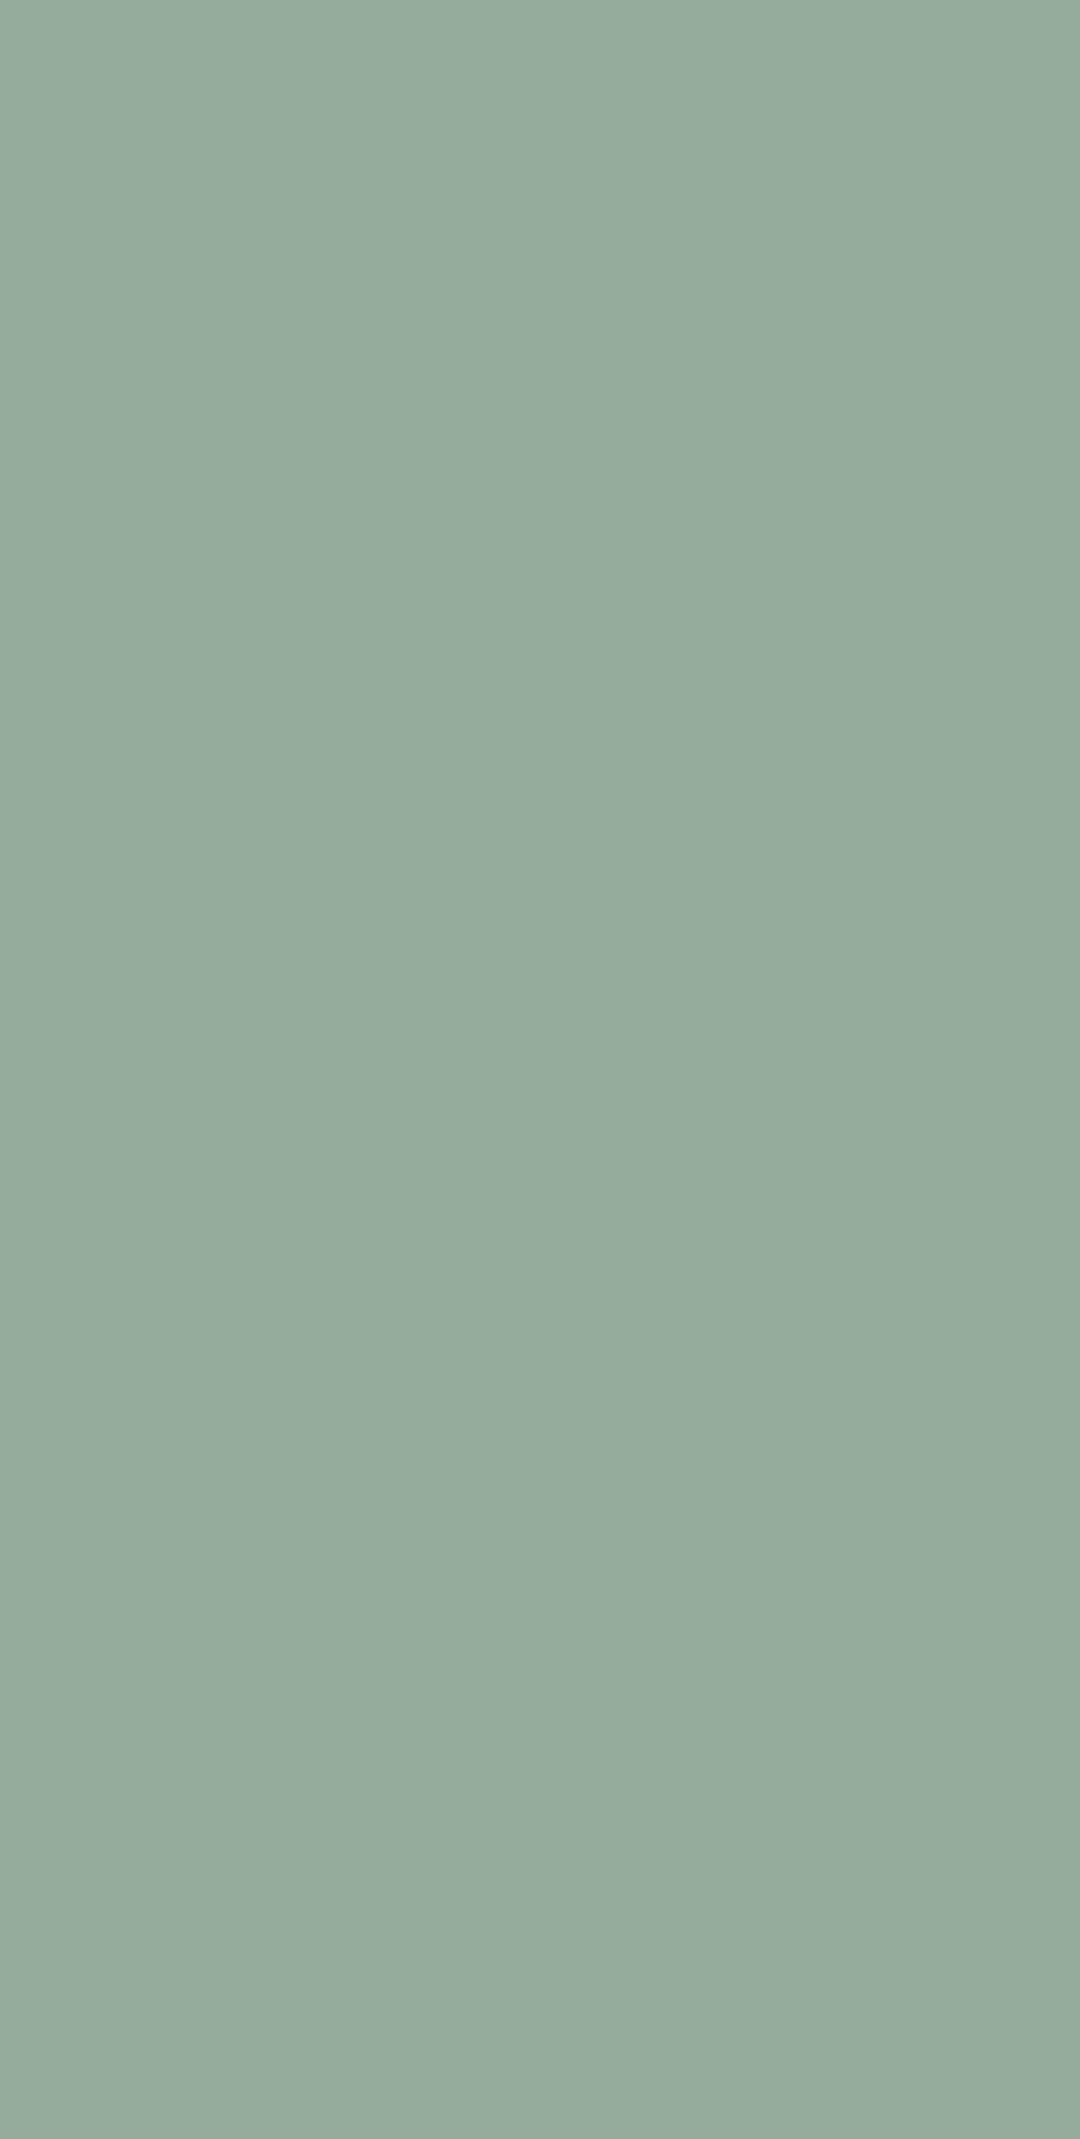 Duz Renkler Renkler Renk Temalari Renk Paletleri